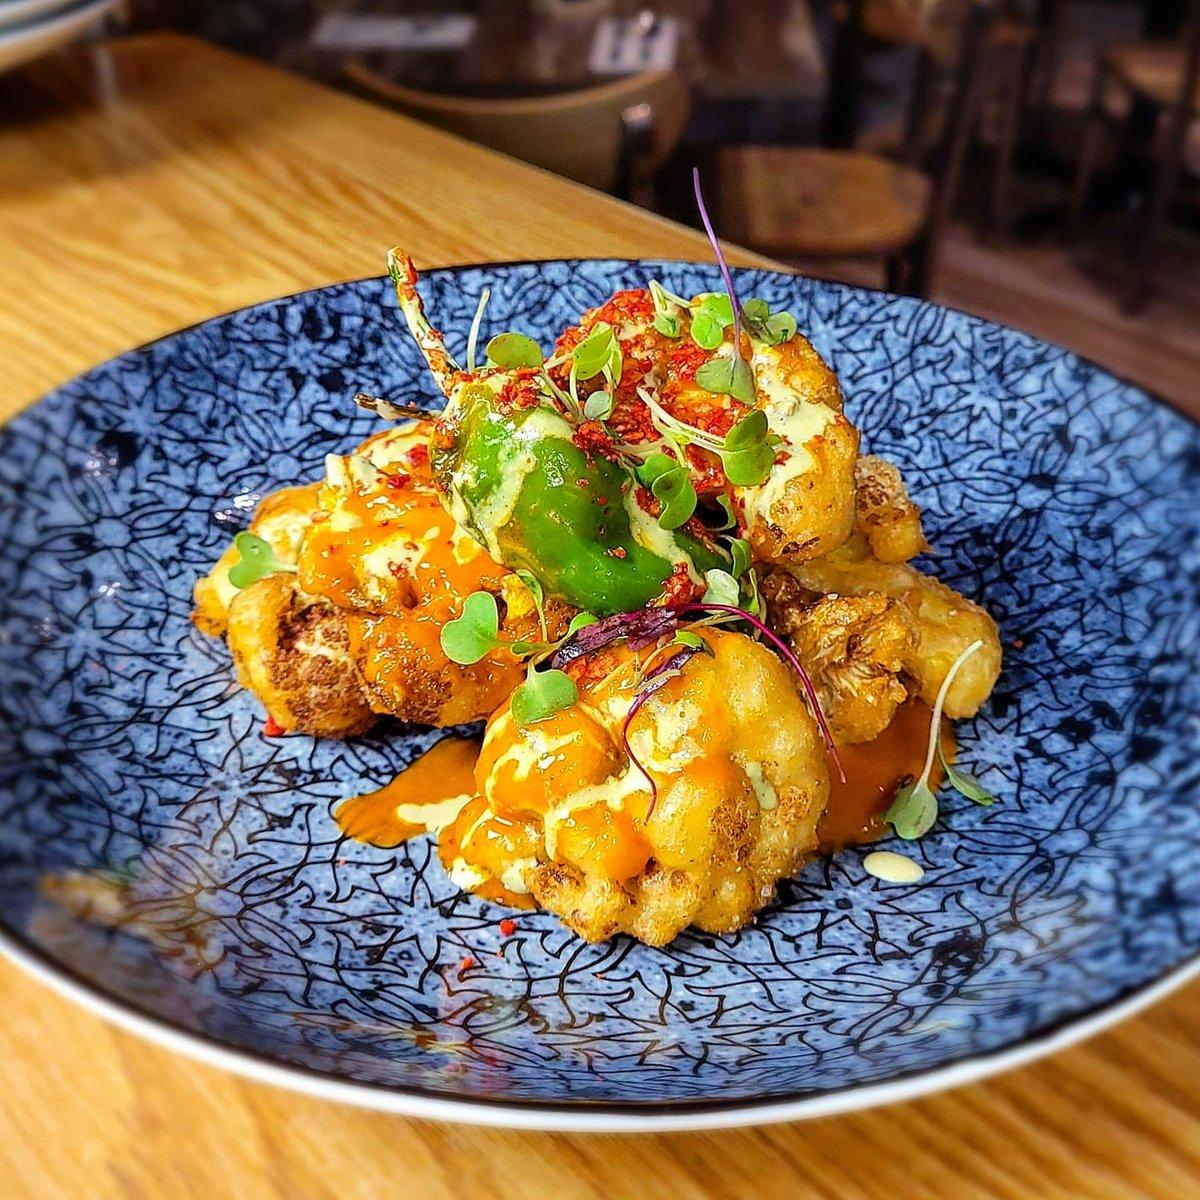 Fresh Origins On Twitter Buffalo Cauliflower By Chef John Creger Chefjohncreger At Fuisinebaltimore Got Us Like Eatlocal Supportsmallbusiness Saverestaurants Https T Co Kzijj1dz5t